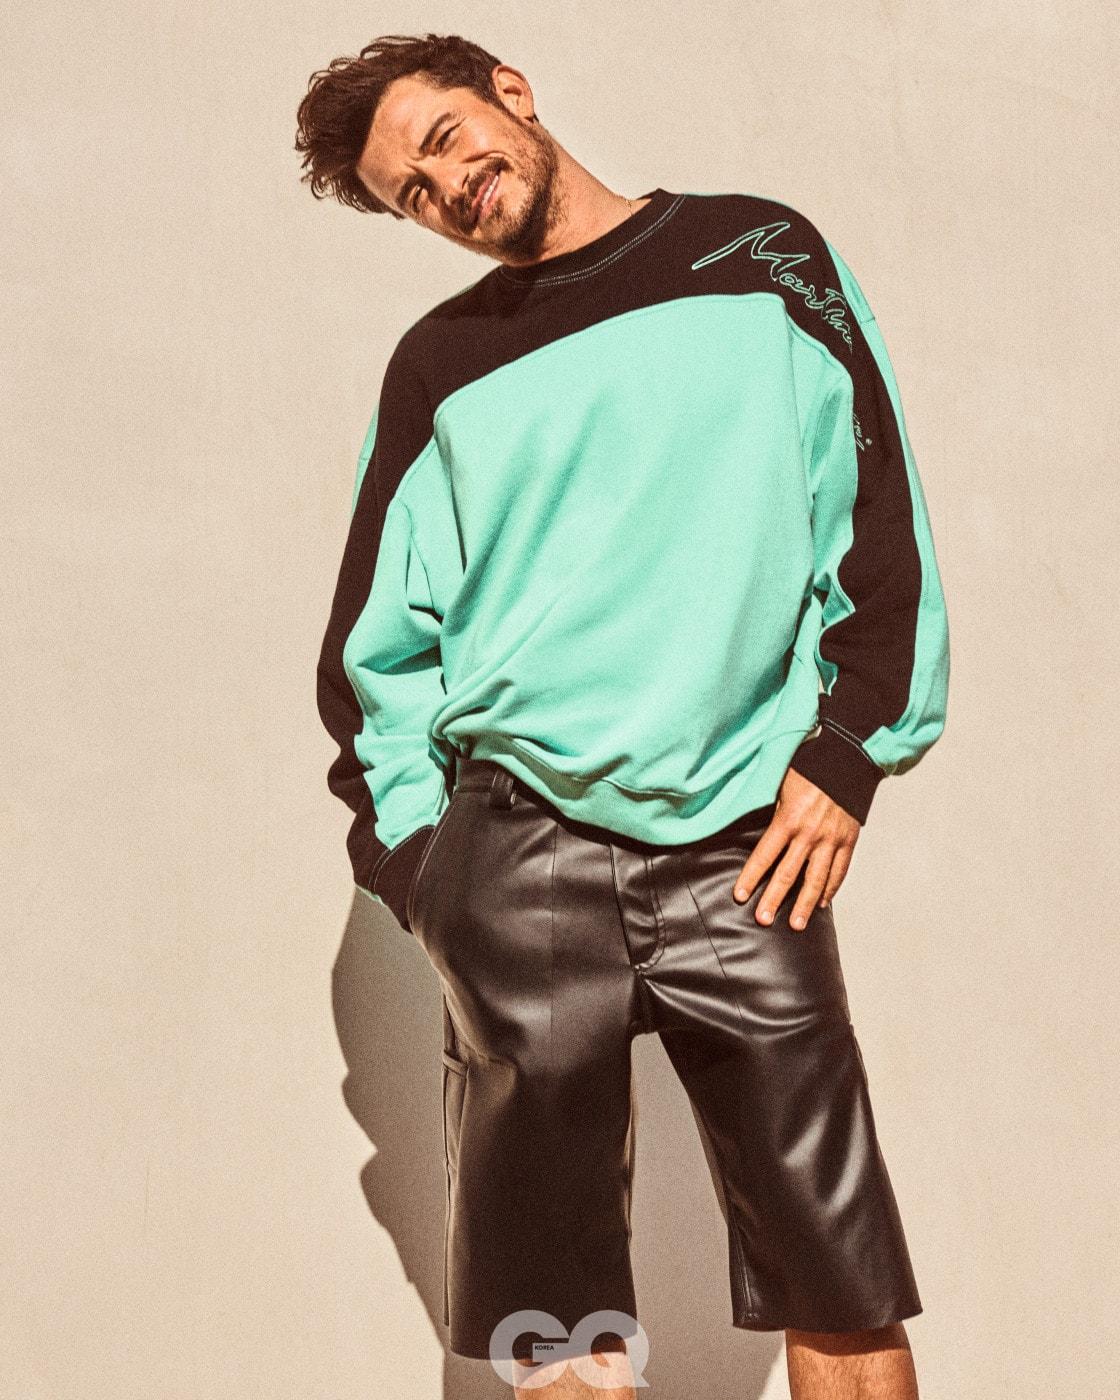 스웨트 셔츠, 마틴 로즈. 레더 쇼츠, 패트릭 에르벨.